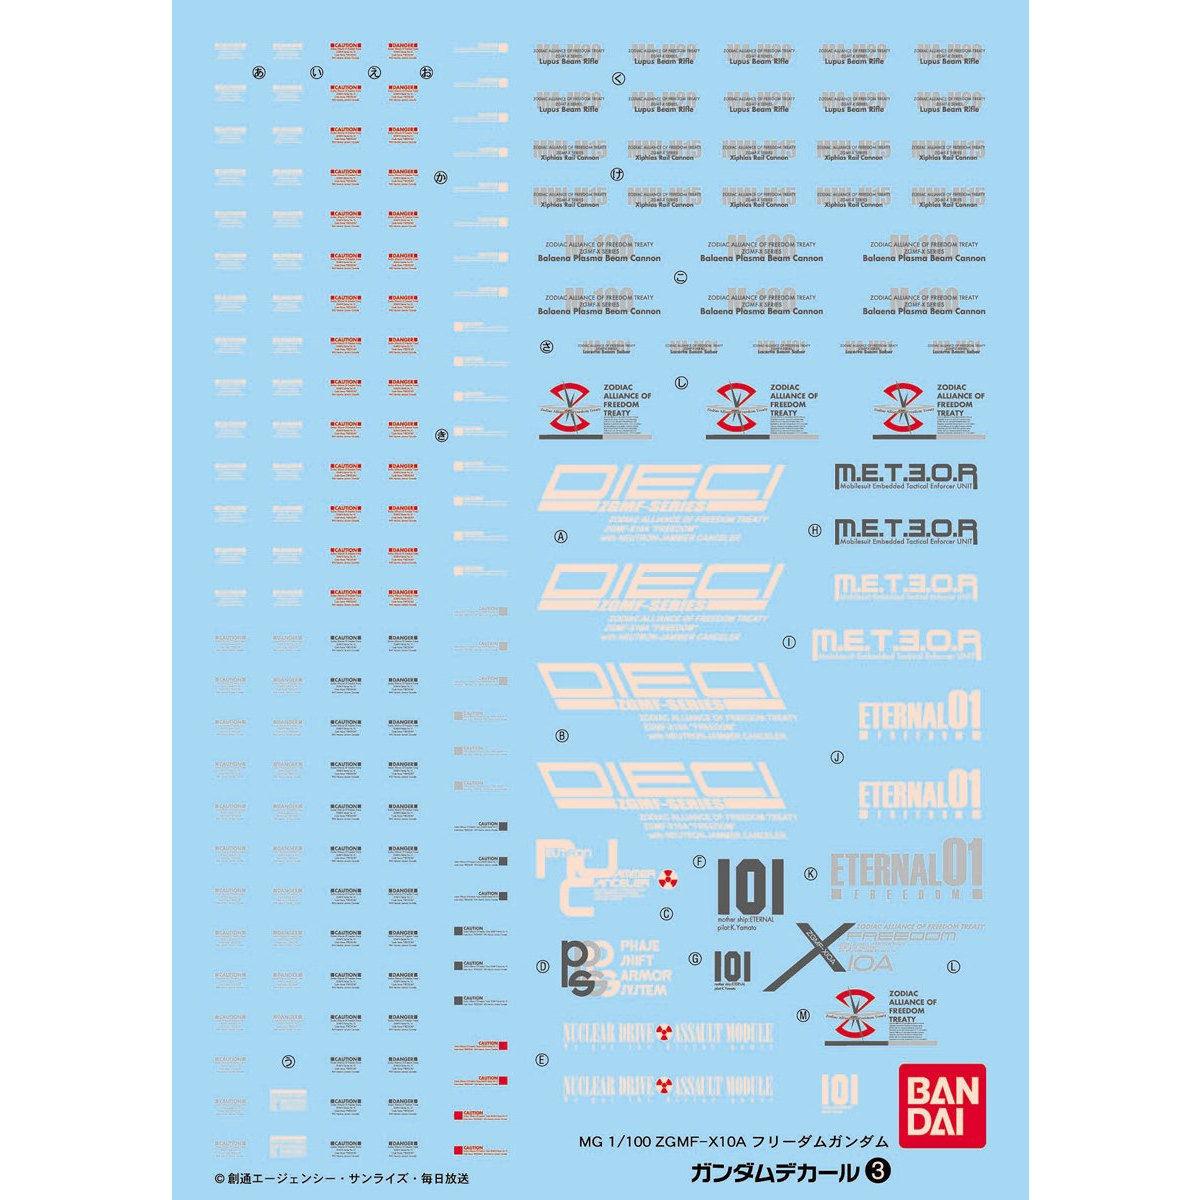 ガンダムデカール 1/100 MG ZGMF-X10A「フリーダムガンダム」用